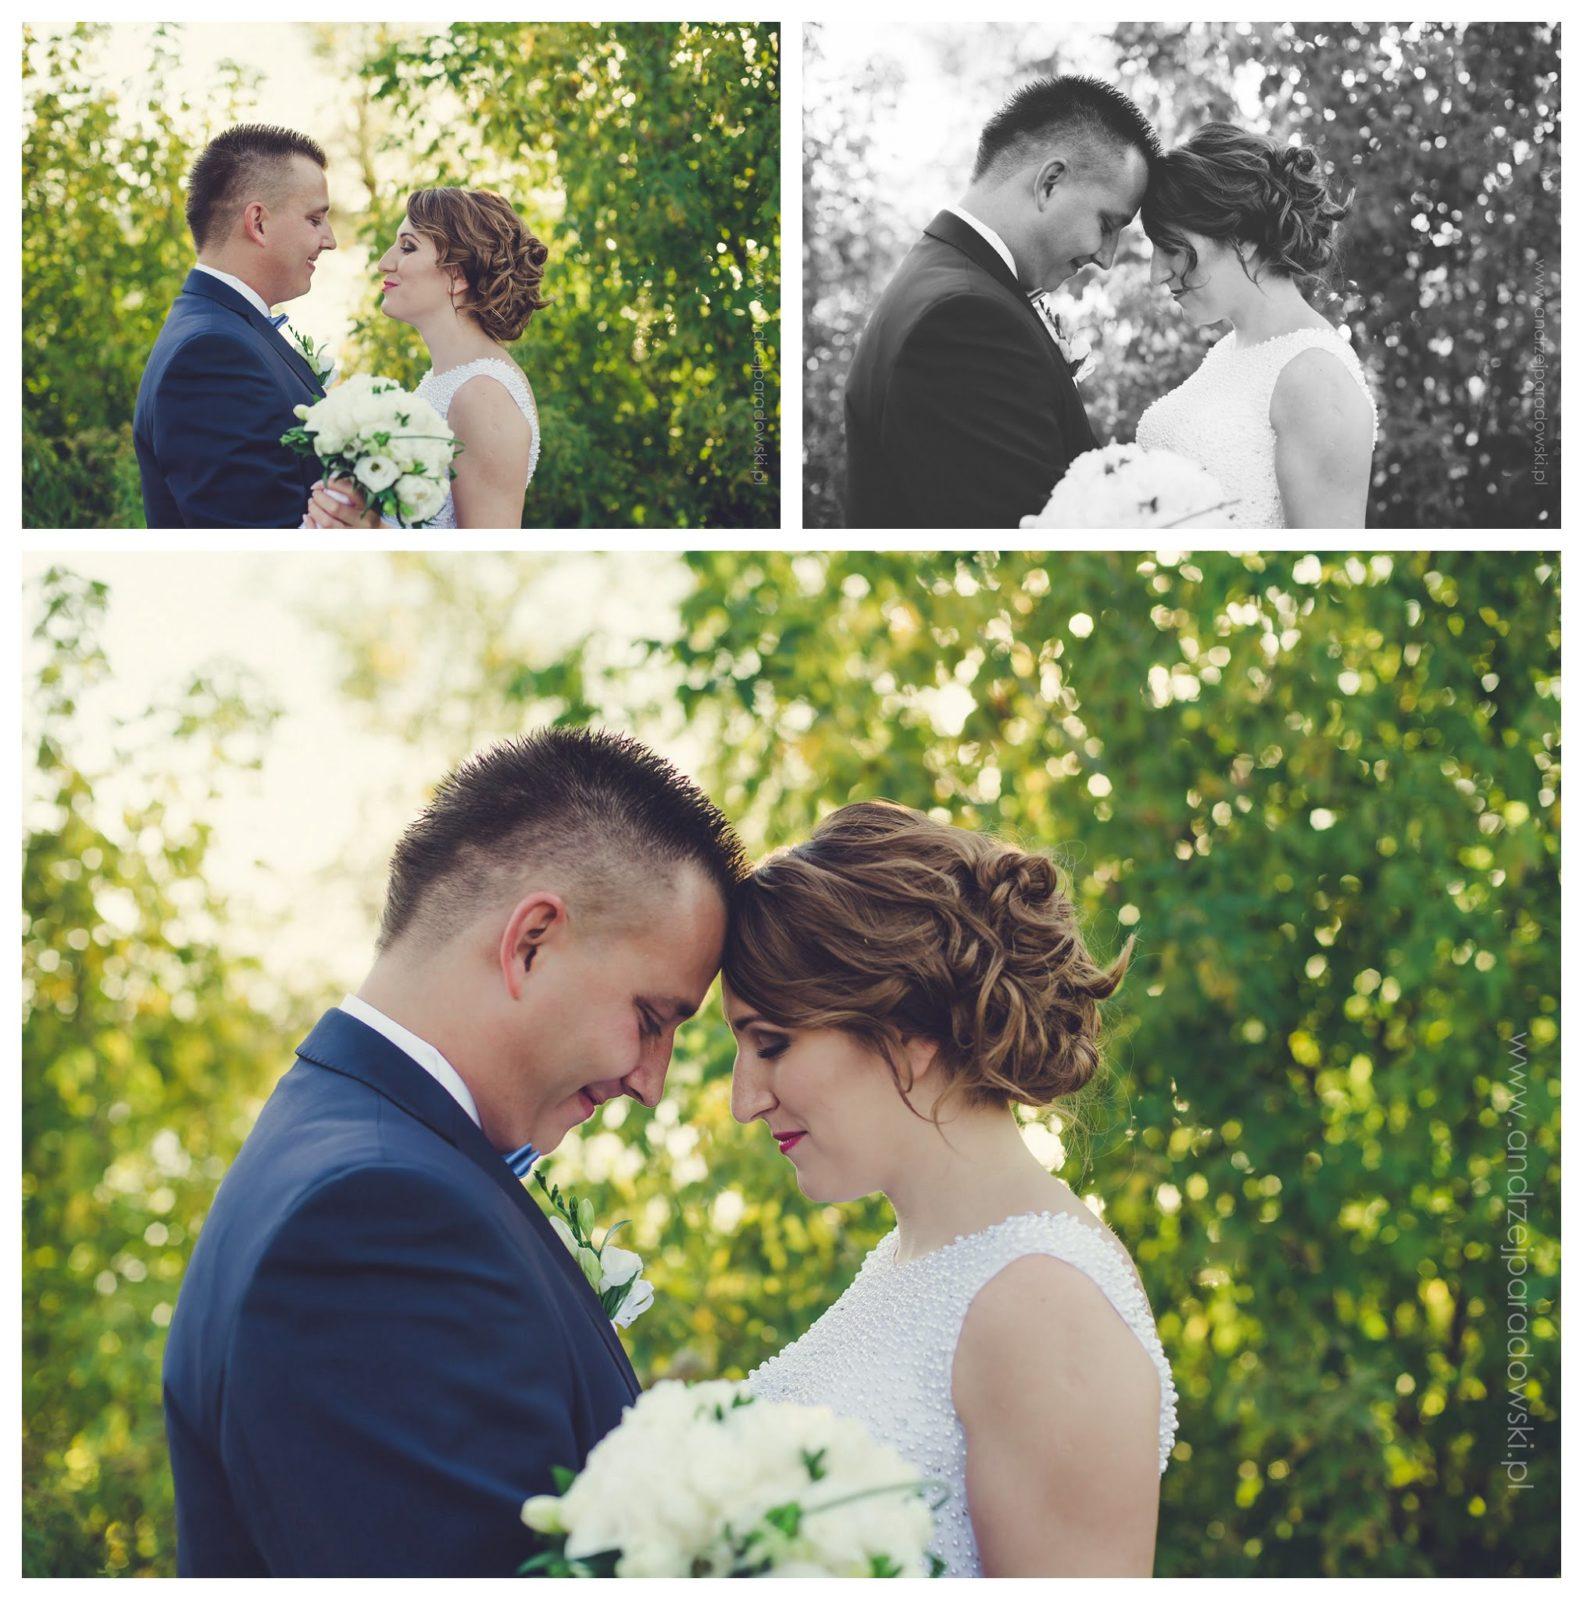 fotograf slubny wloclawek 33 - Ślub w Bobrownikach